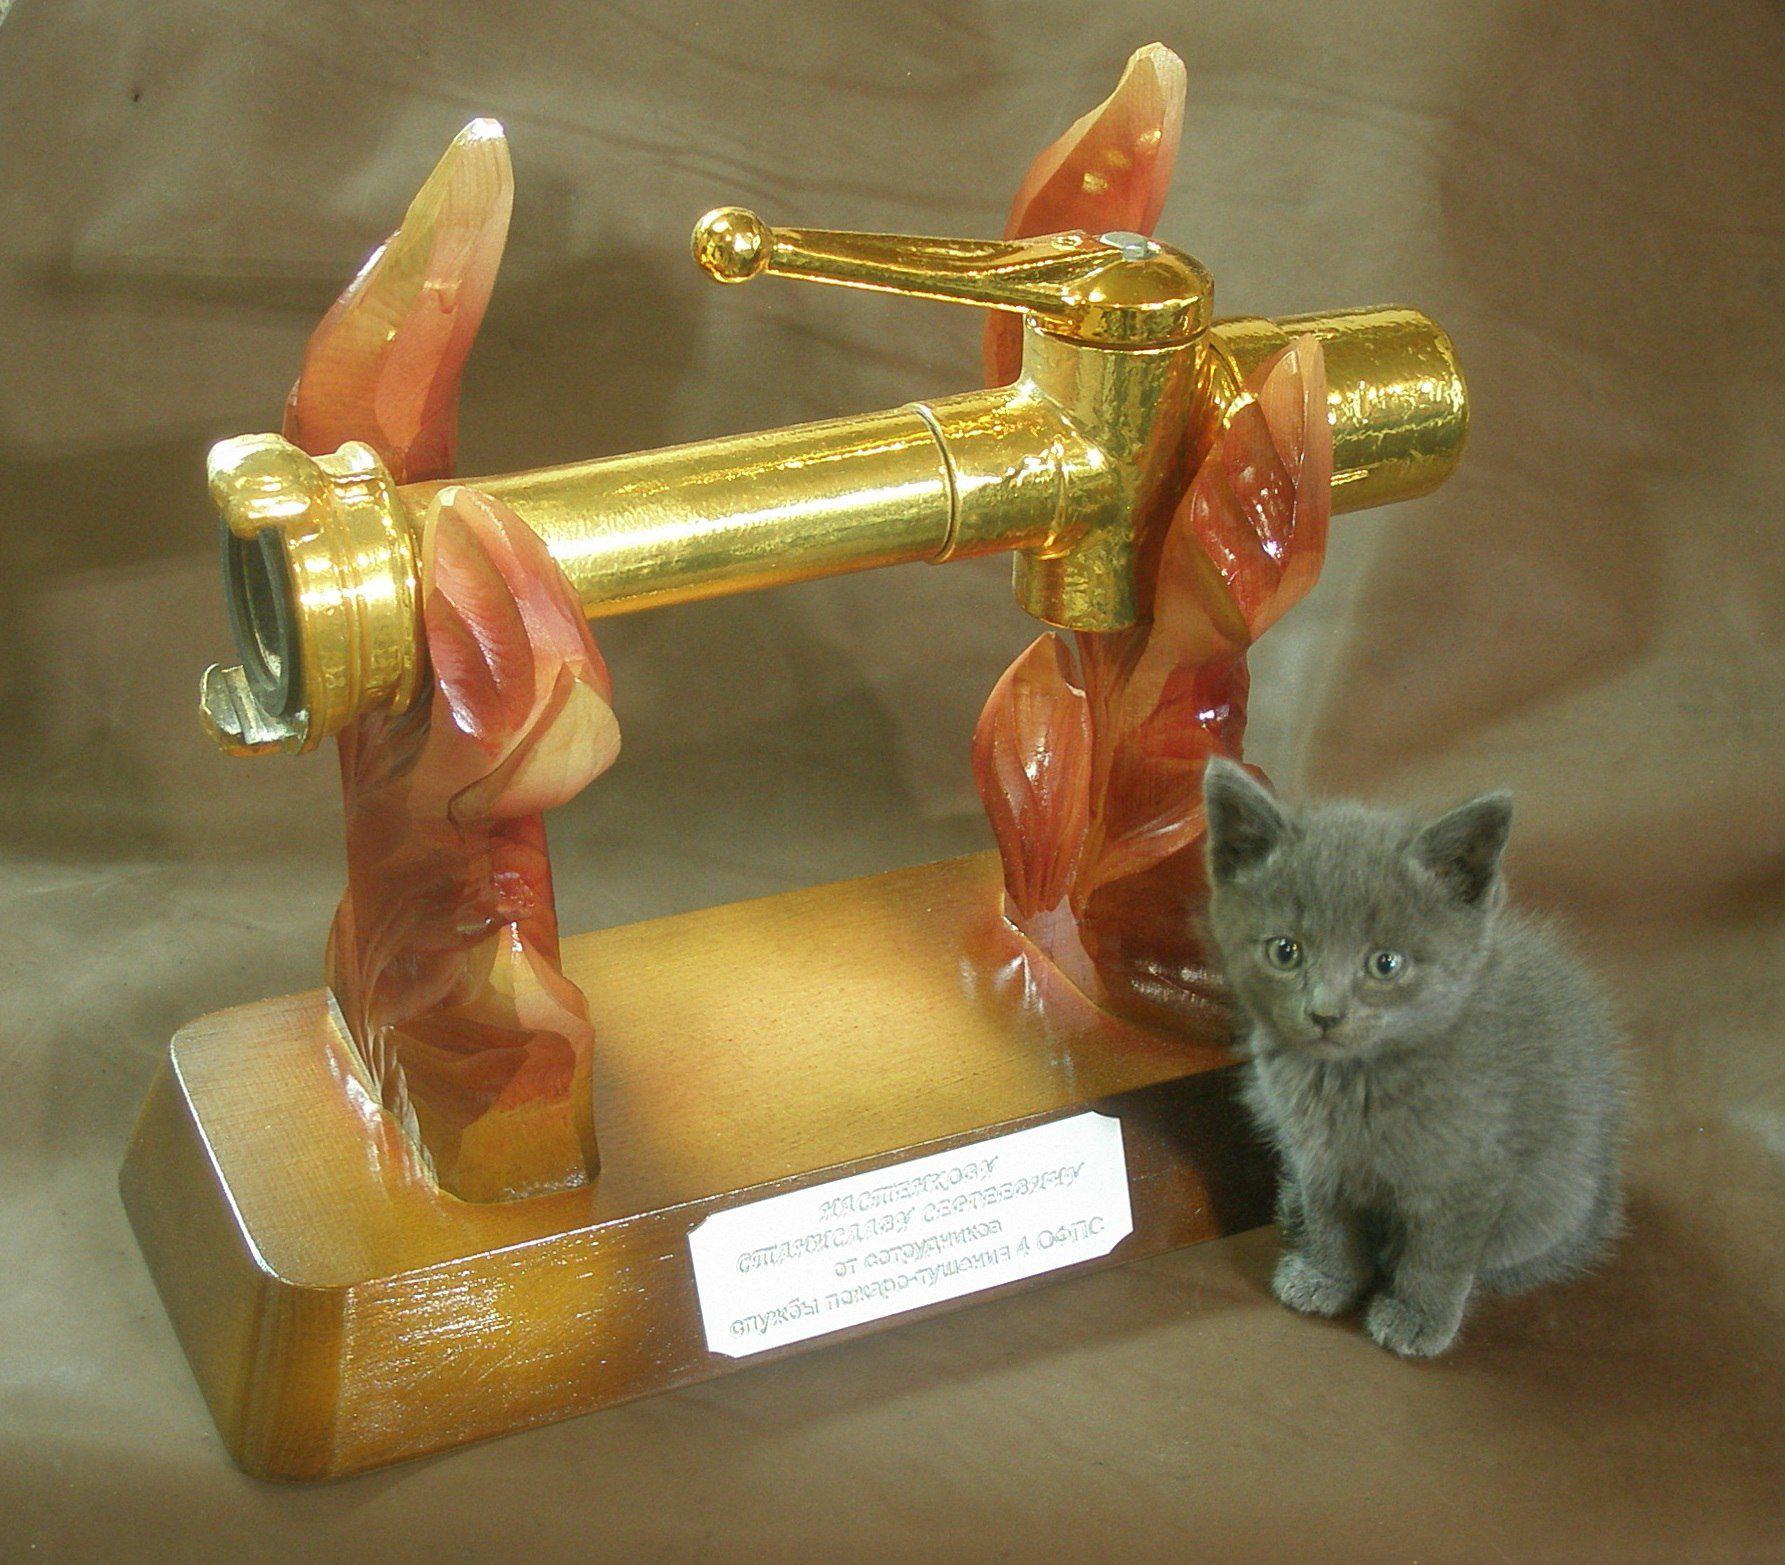 подарки мастерская идеядляподарка сувениры ручнаяработа резьбаподереву